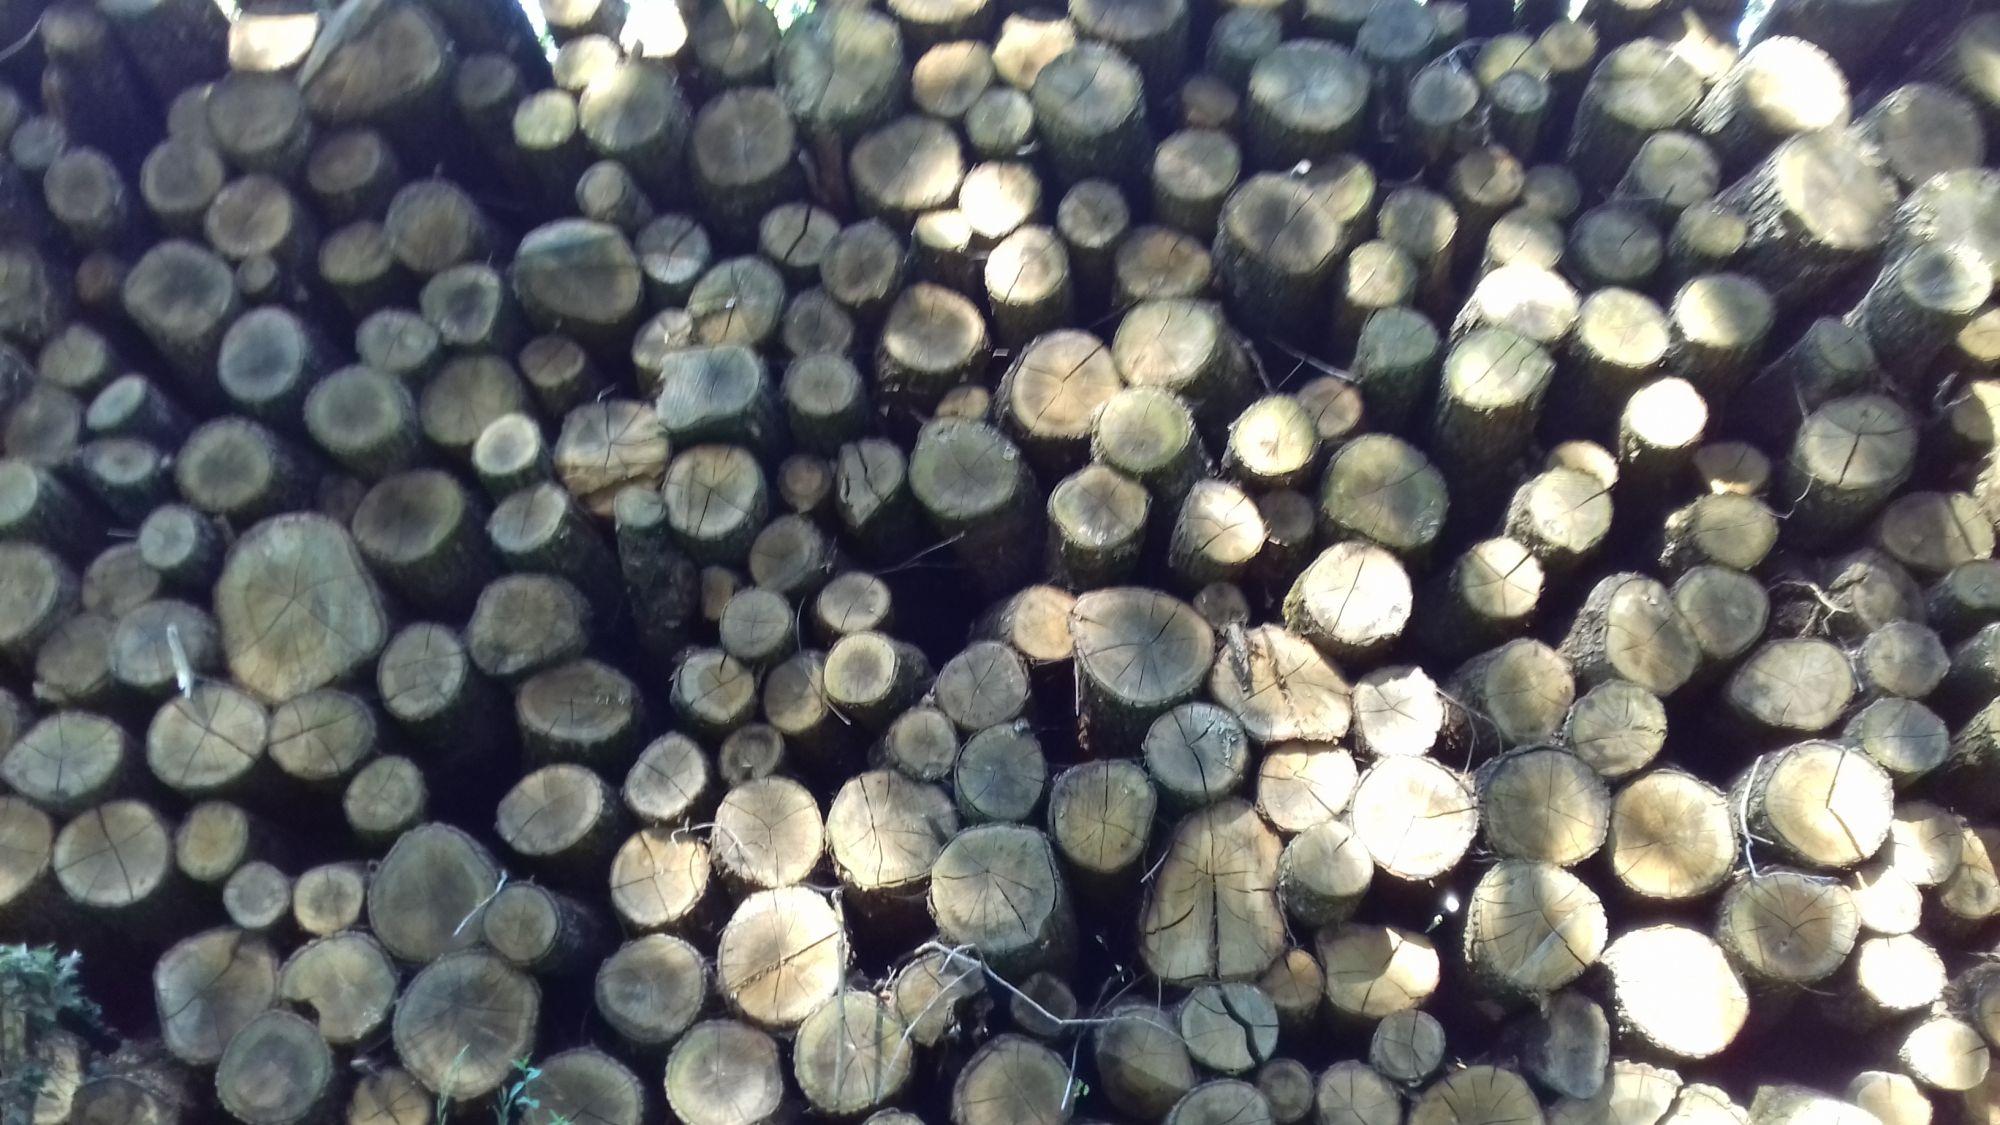 site internet pour revendeur de combustible bois dans les Vosgessite internet pour revendeur de combustible bois dans les Vosges